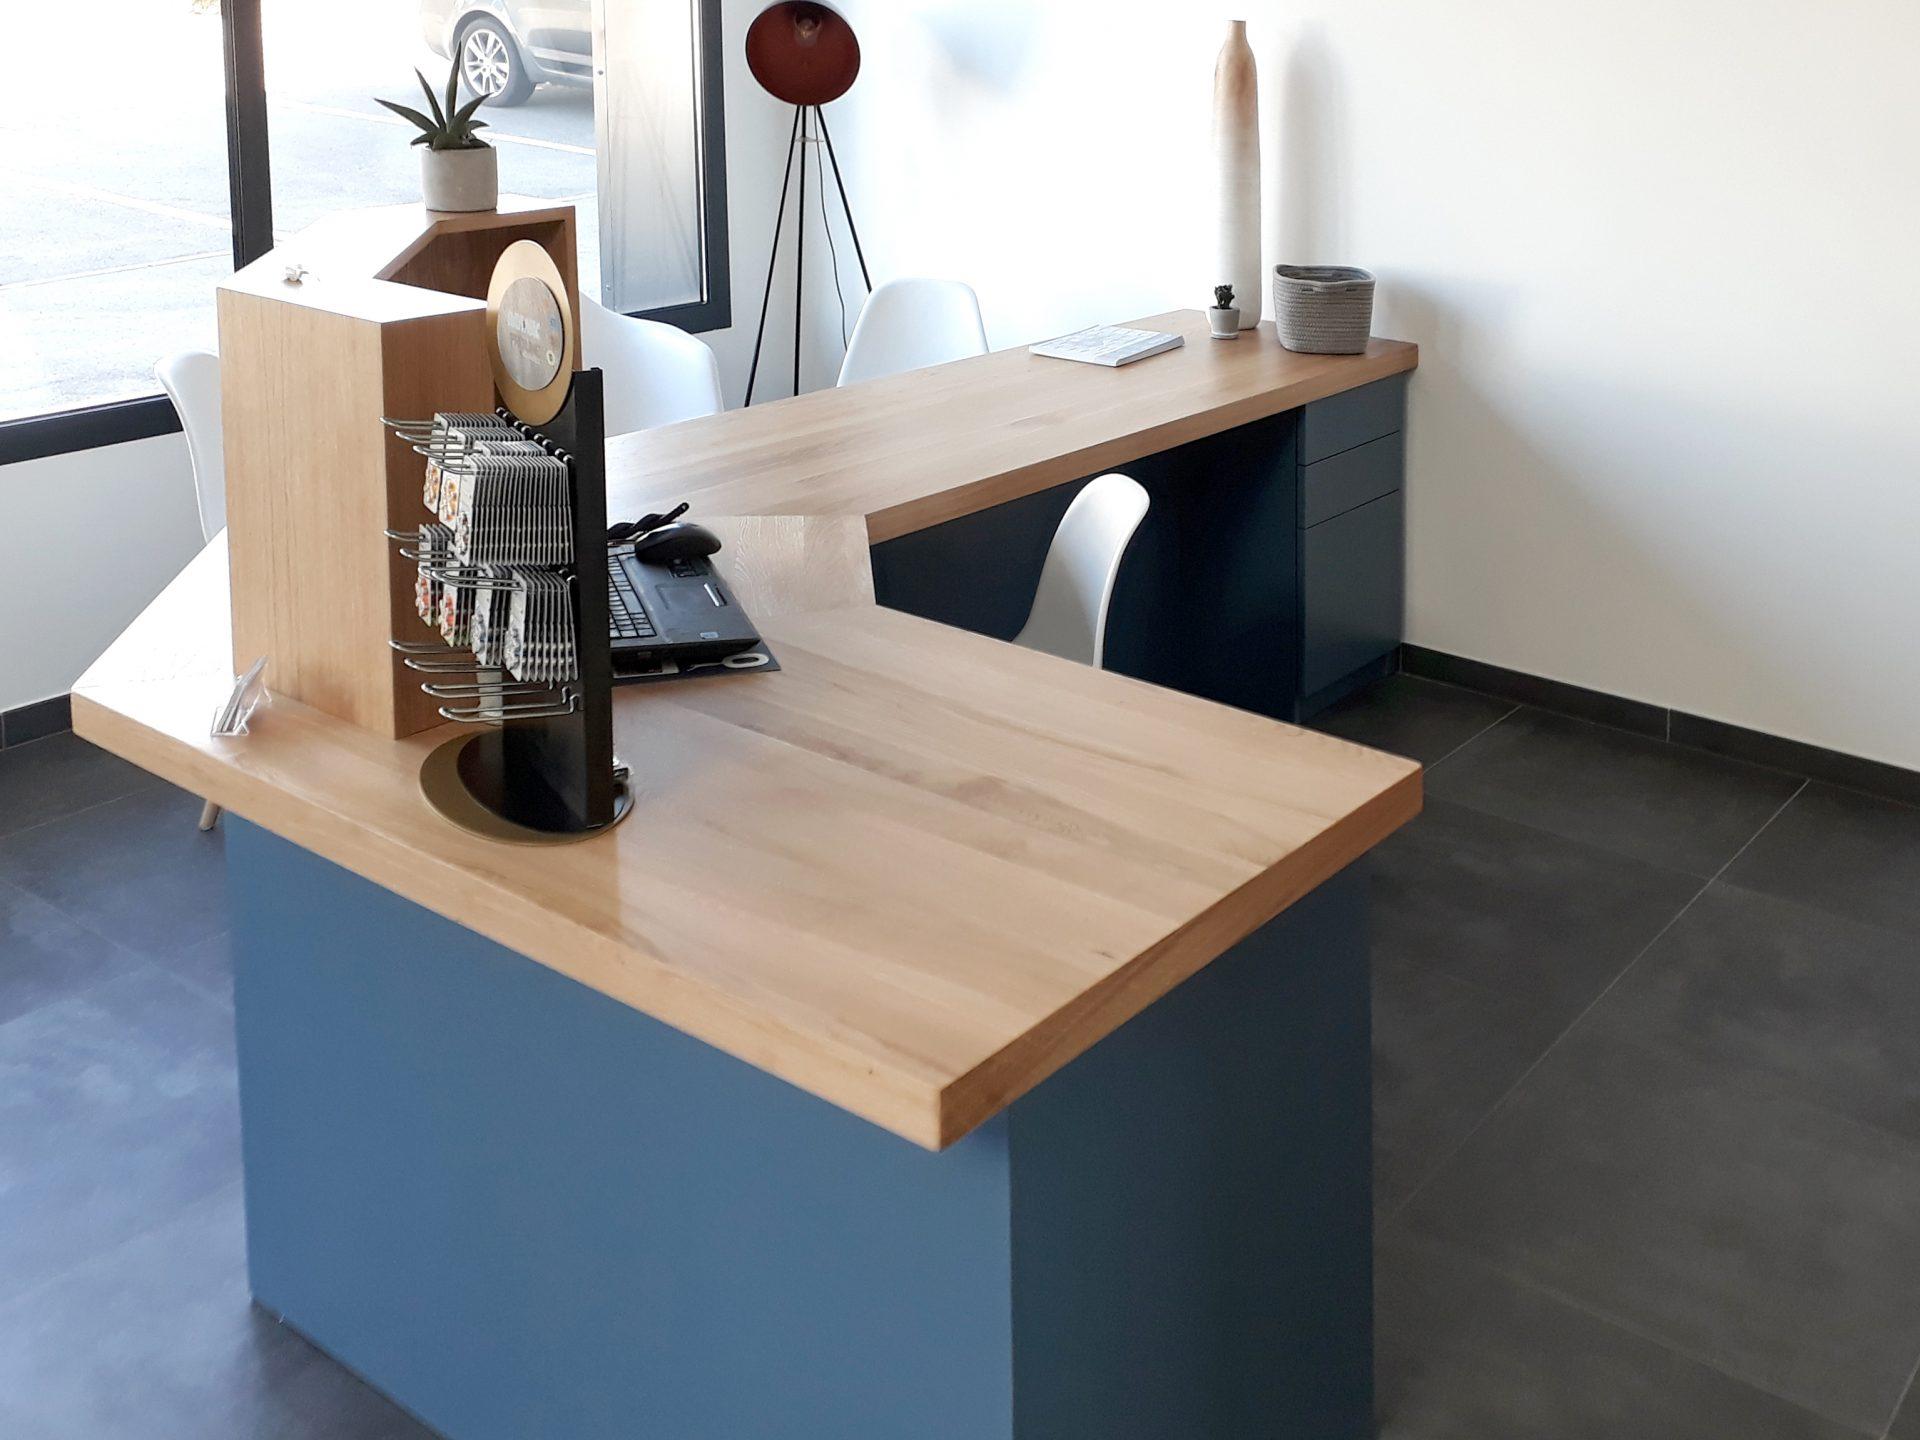 Bureau en bois brut et bleu